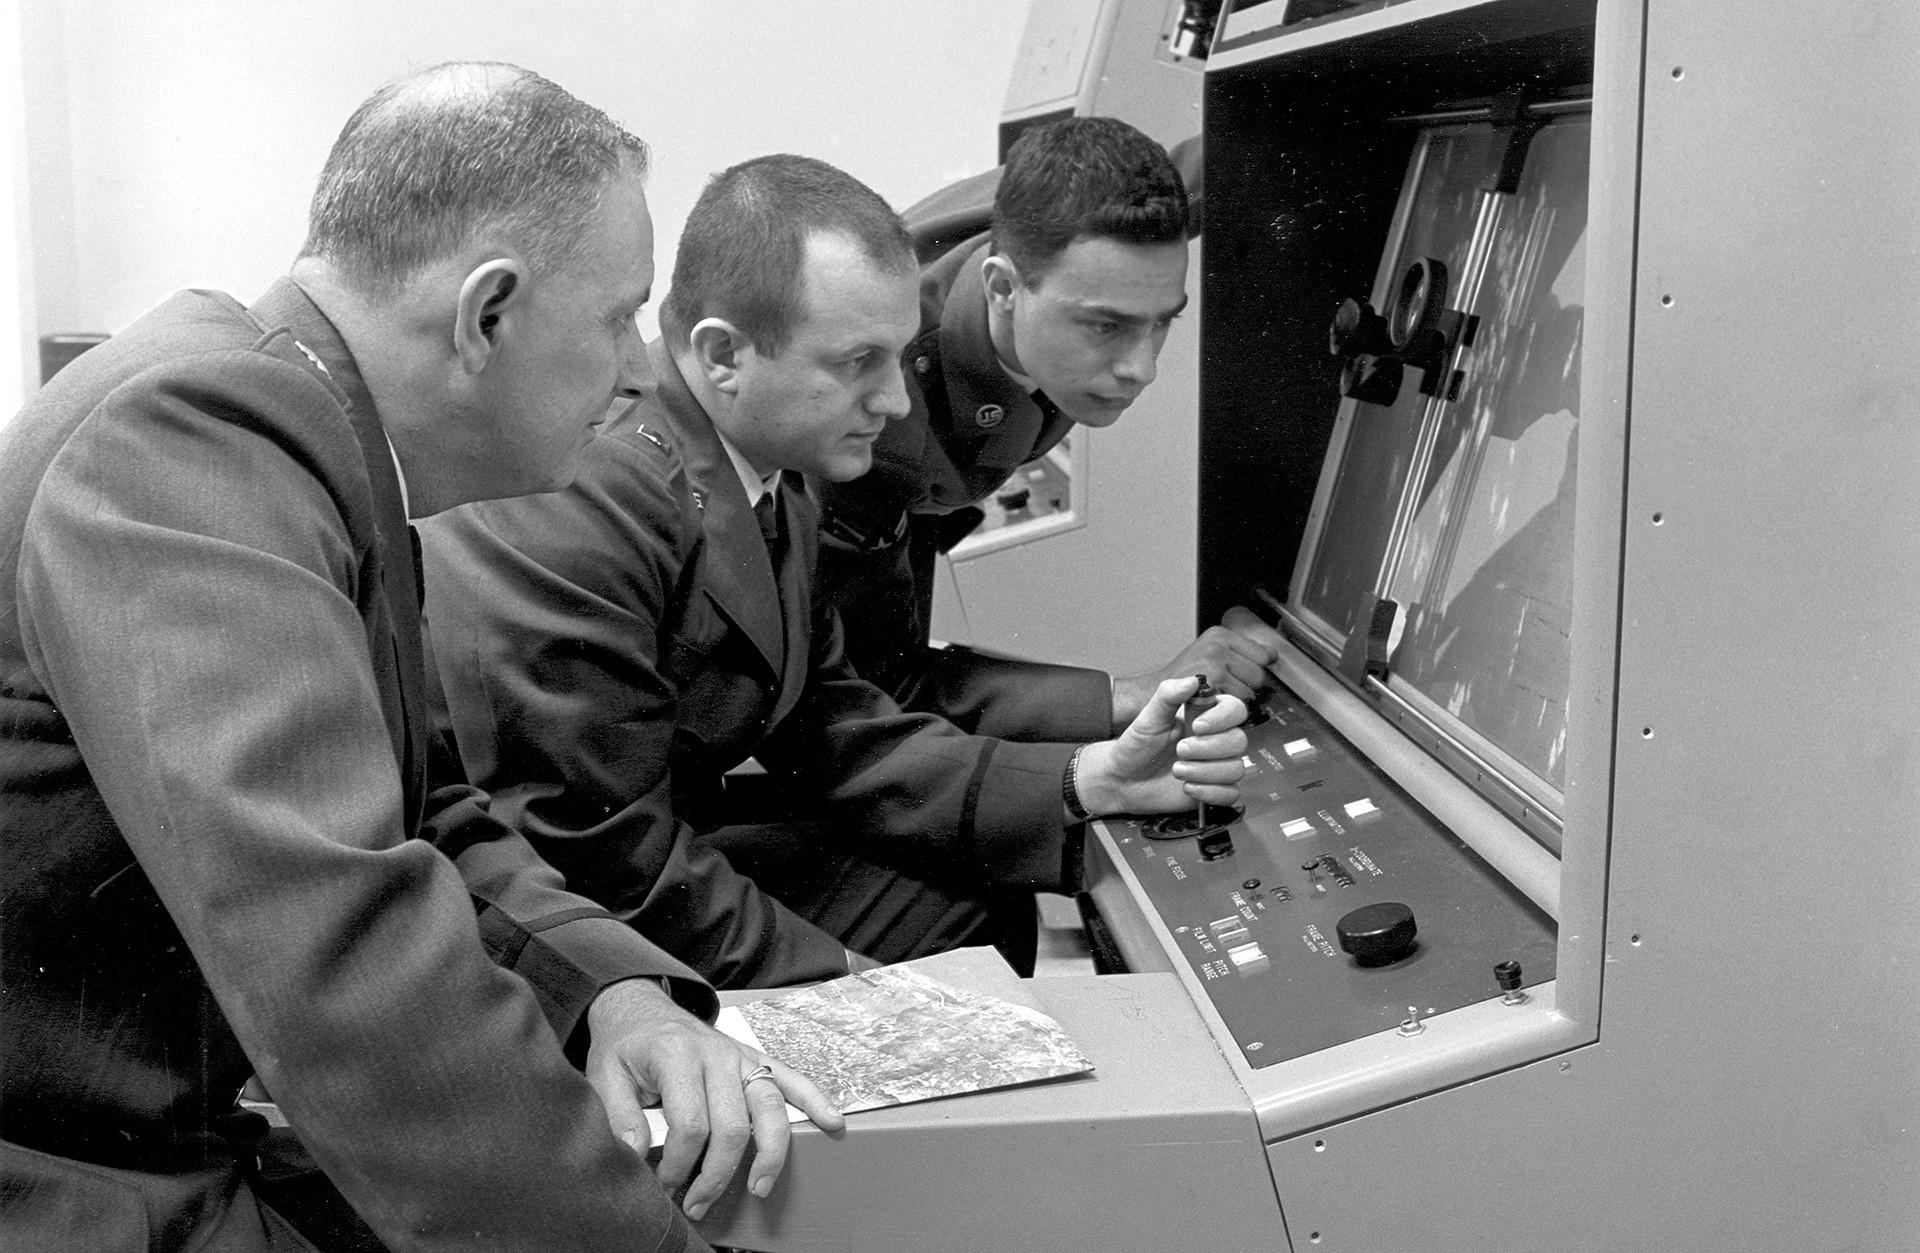 Osebje ameriške strateške zračne obrambe si ogleduje izvidniške posnetke tekom kubanske krize, 1962.